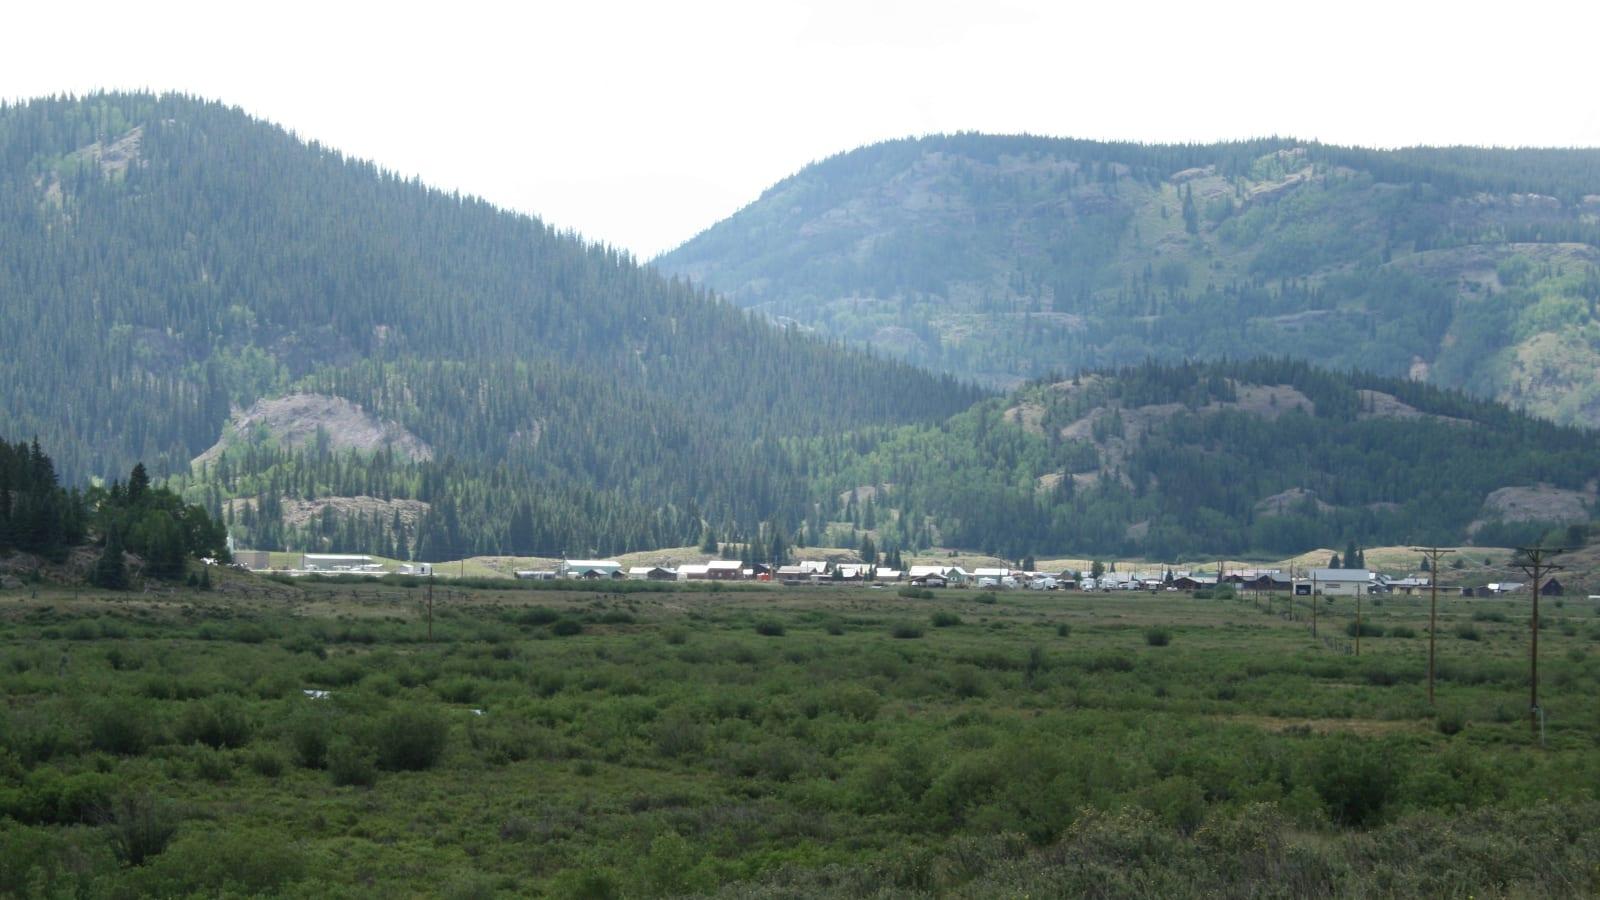 Platoro Colorado Village